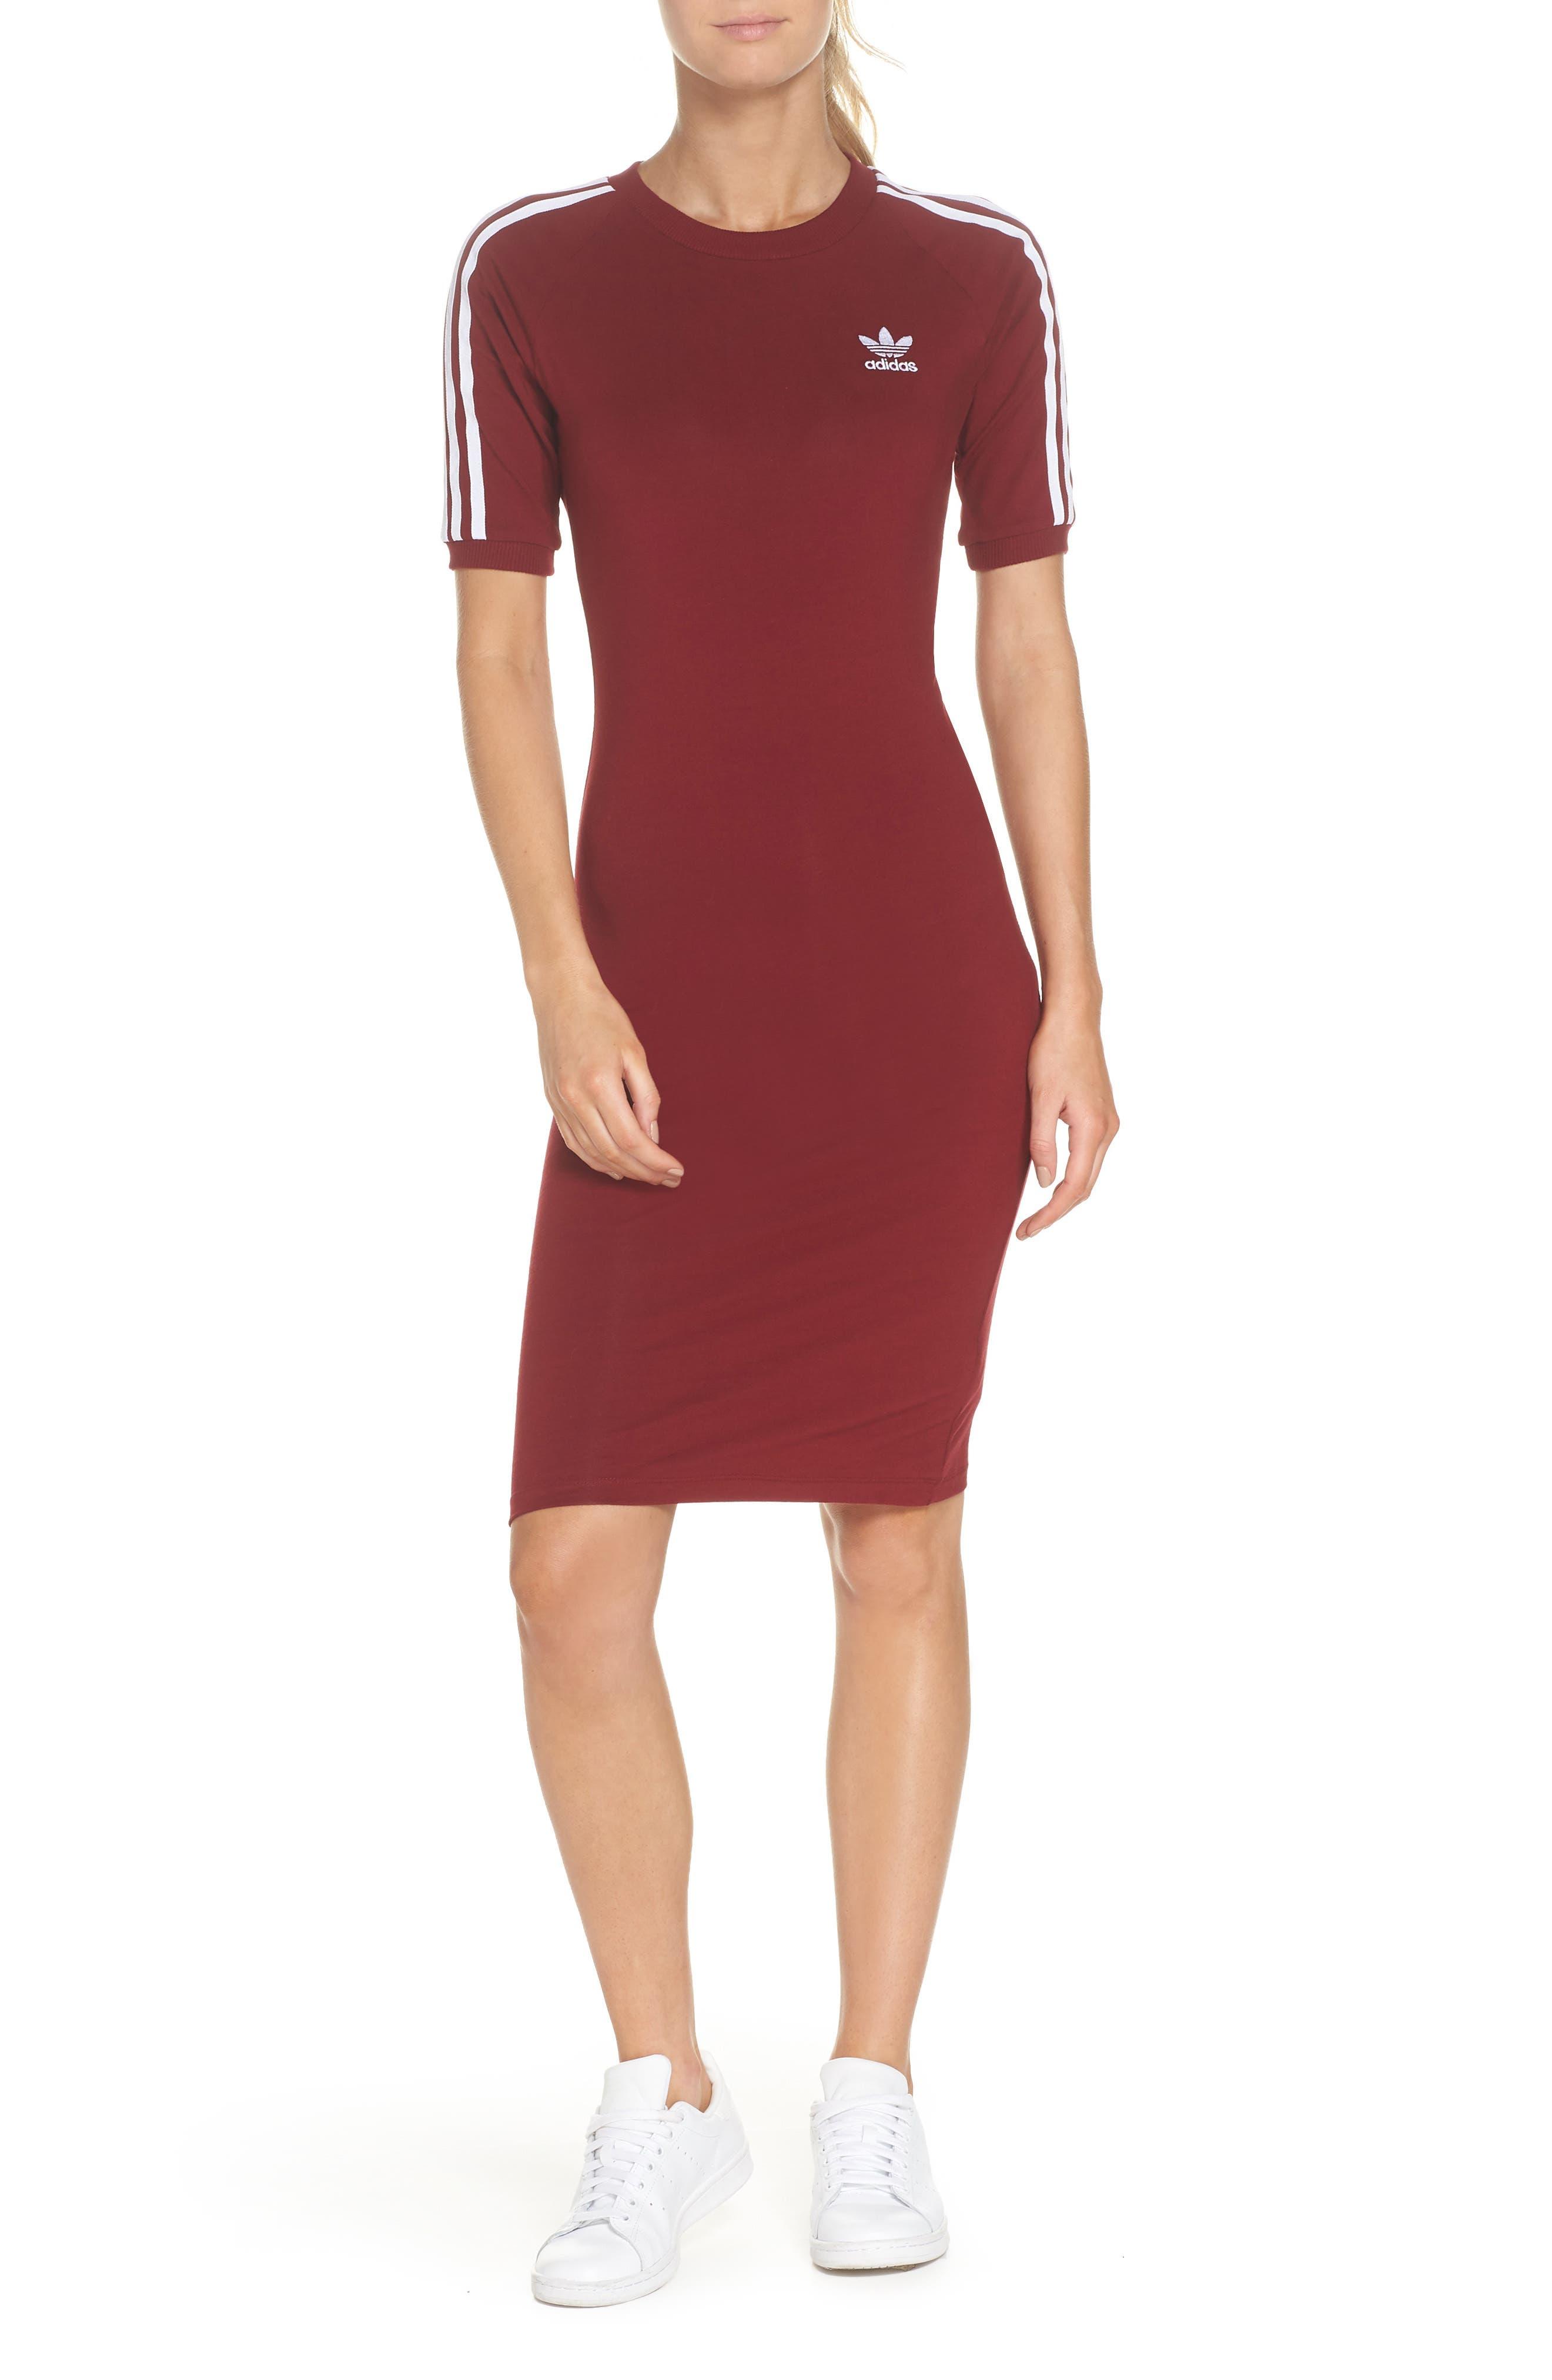 Originals 3-Stripes Dress,                         Main,                         color, Collegiate Burgundy